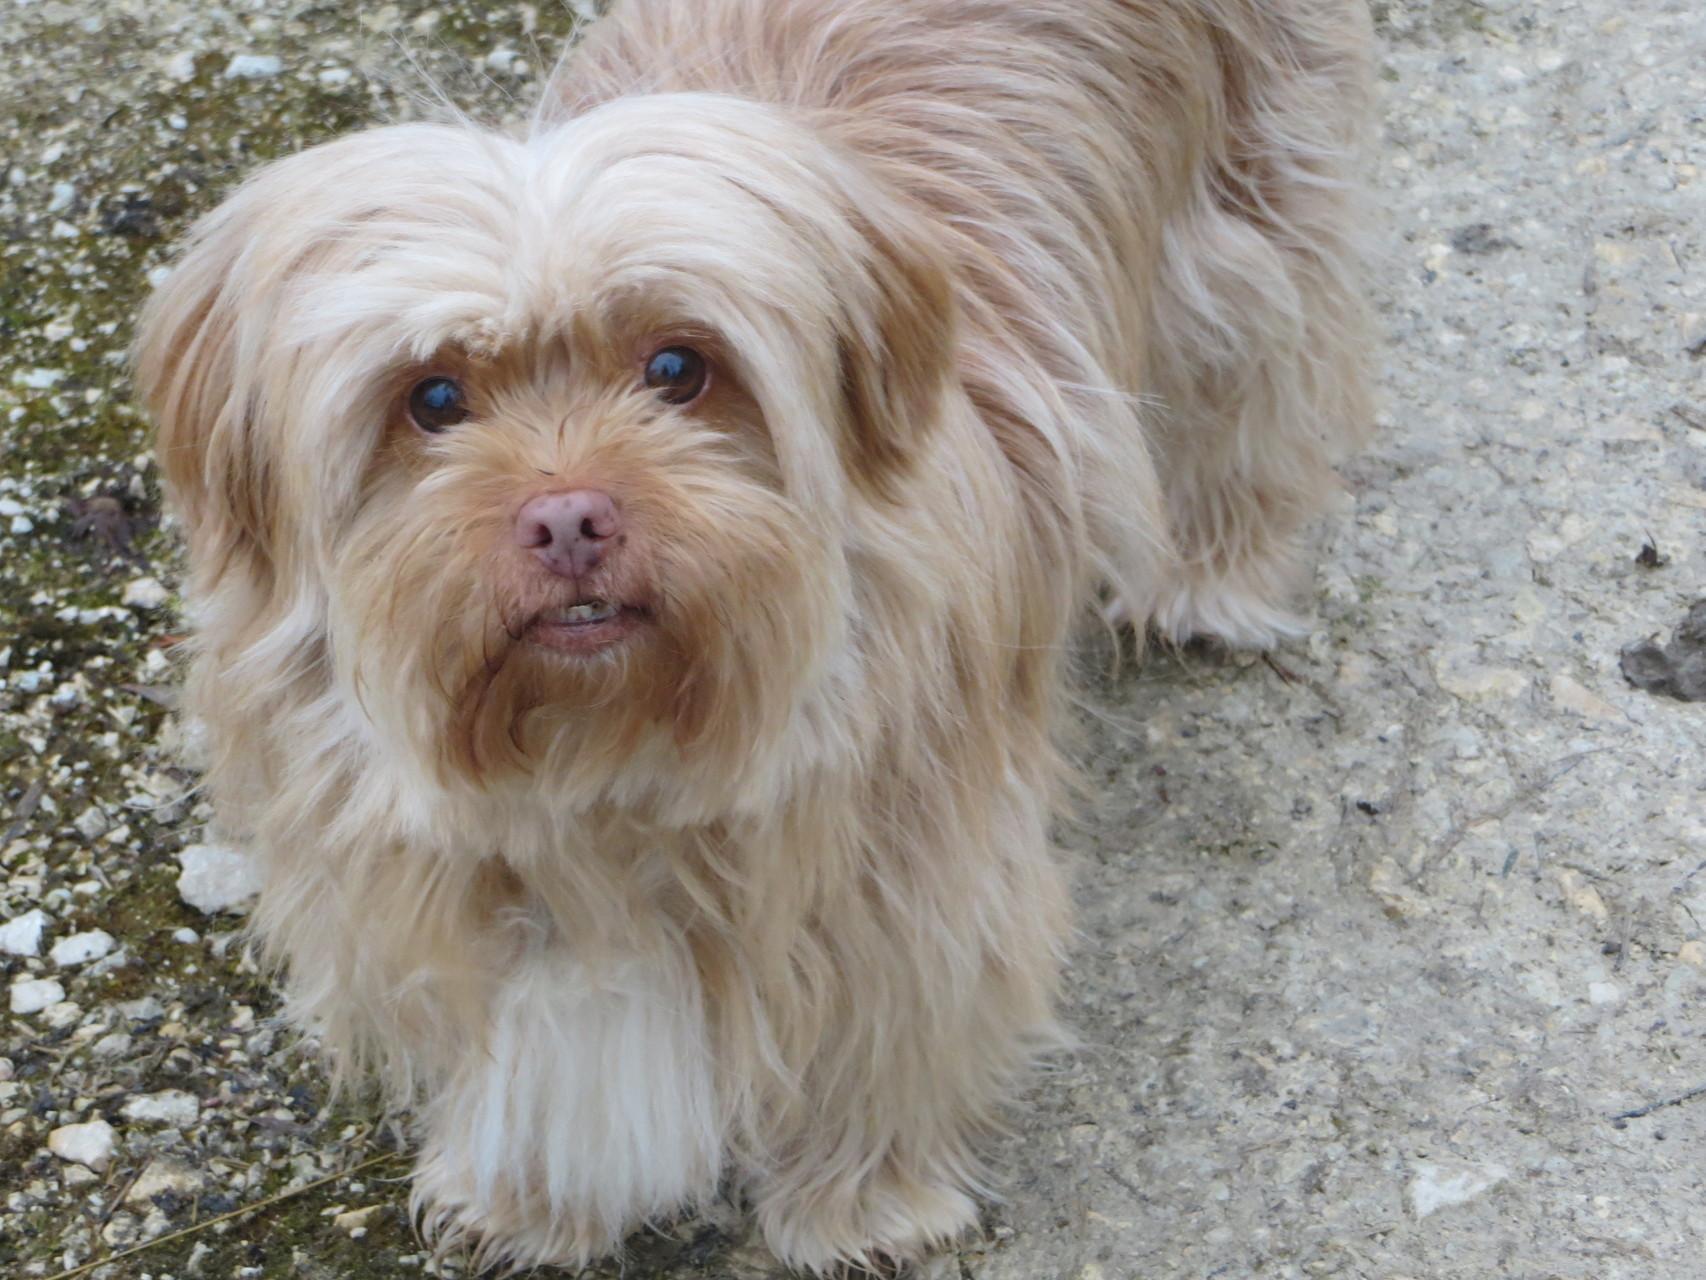 Unser geliebte Nanouk musste uns leider (+ 7. April 2015) verlassen. Sie hatte Krebs und hinterlässt eine Riesenlücke. Sie war ein ganz besonderer Hund, ein Clown auf vier Pfoten!